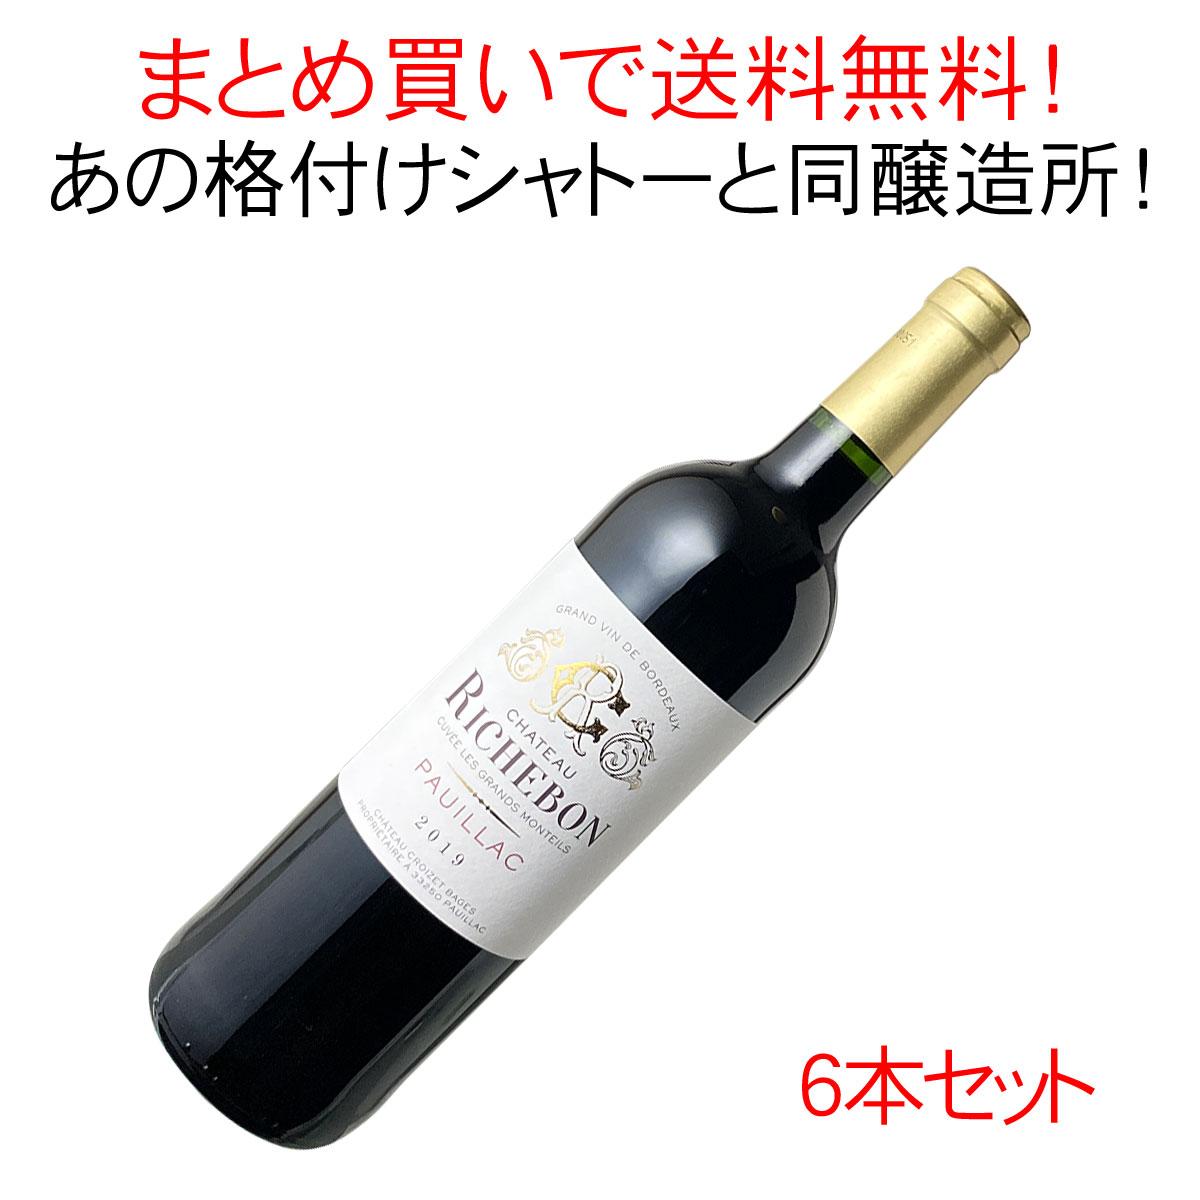 【送料無料】シャトー・リシュボン キュヴェ・レ・グラン・モンテイユ [2019] 1ケース6本セット <ワイン/ボルドー>